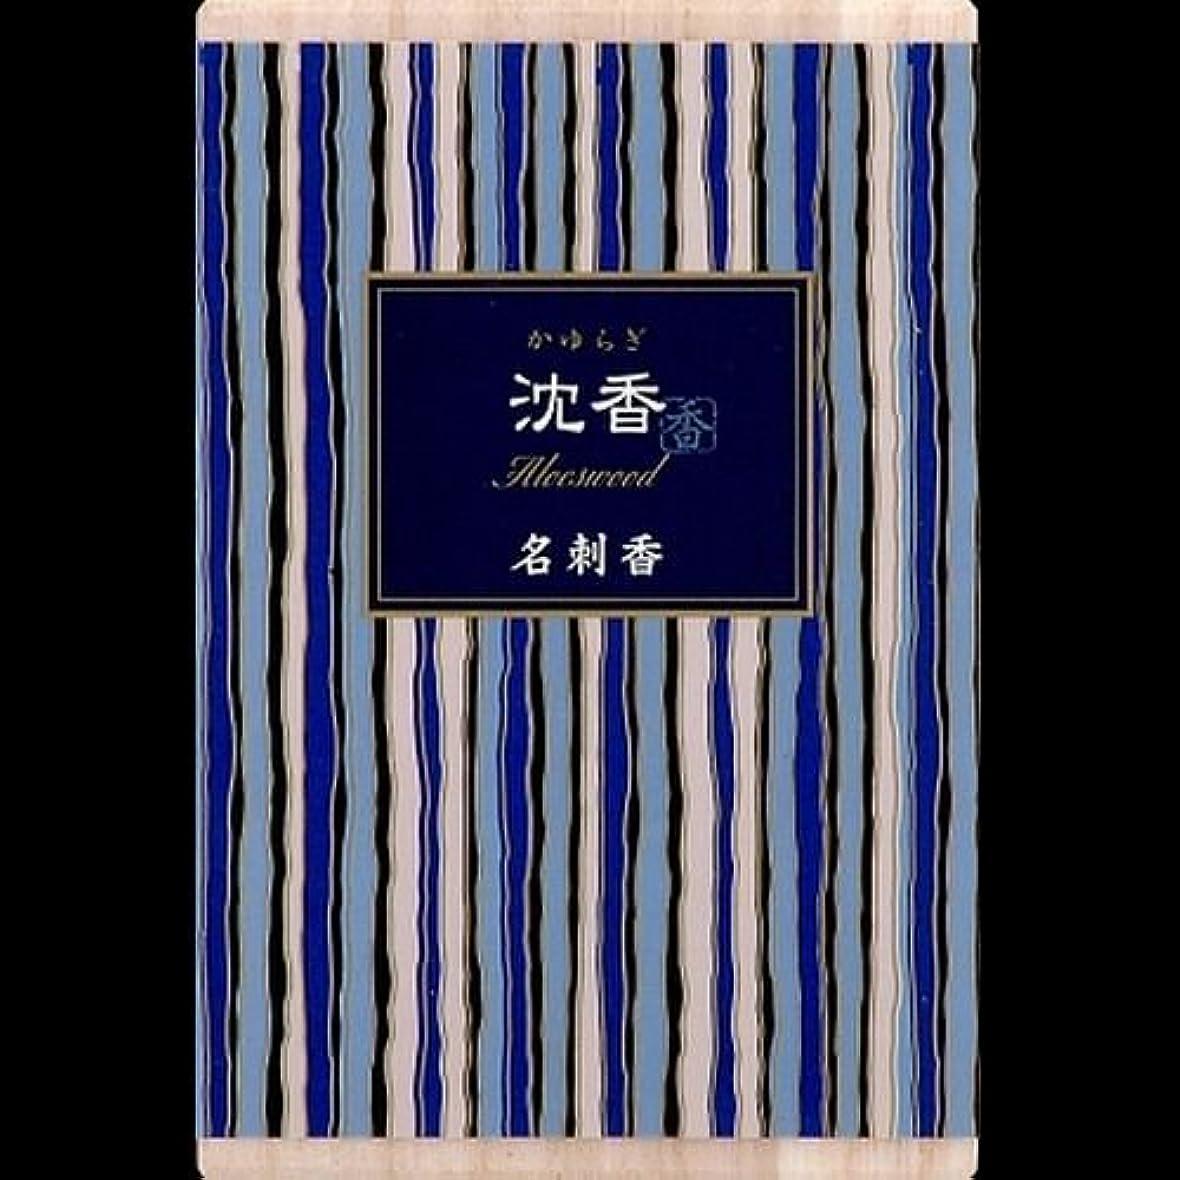 資本預言者プラスチック【まとめ買い】かゆらぎ 沈香 名刺香 桐箱 6入 ×2セット